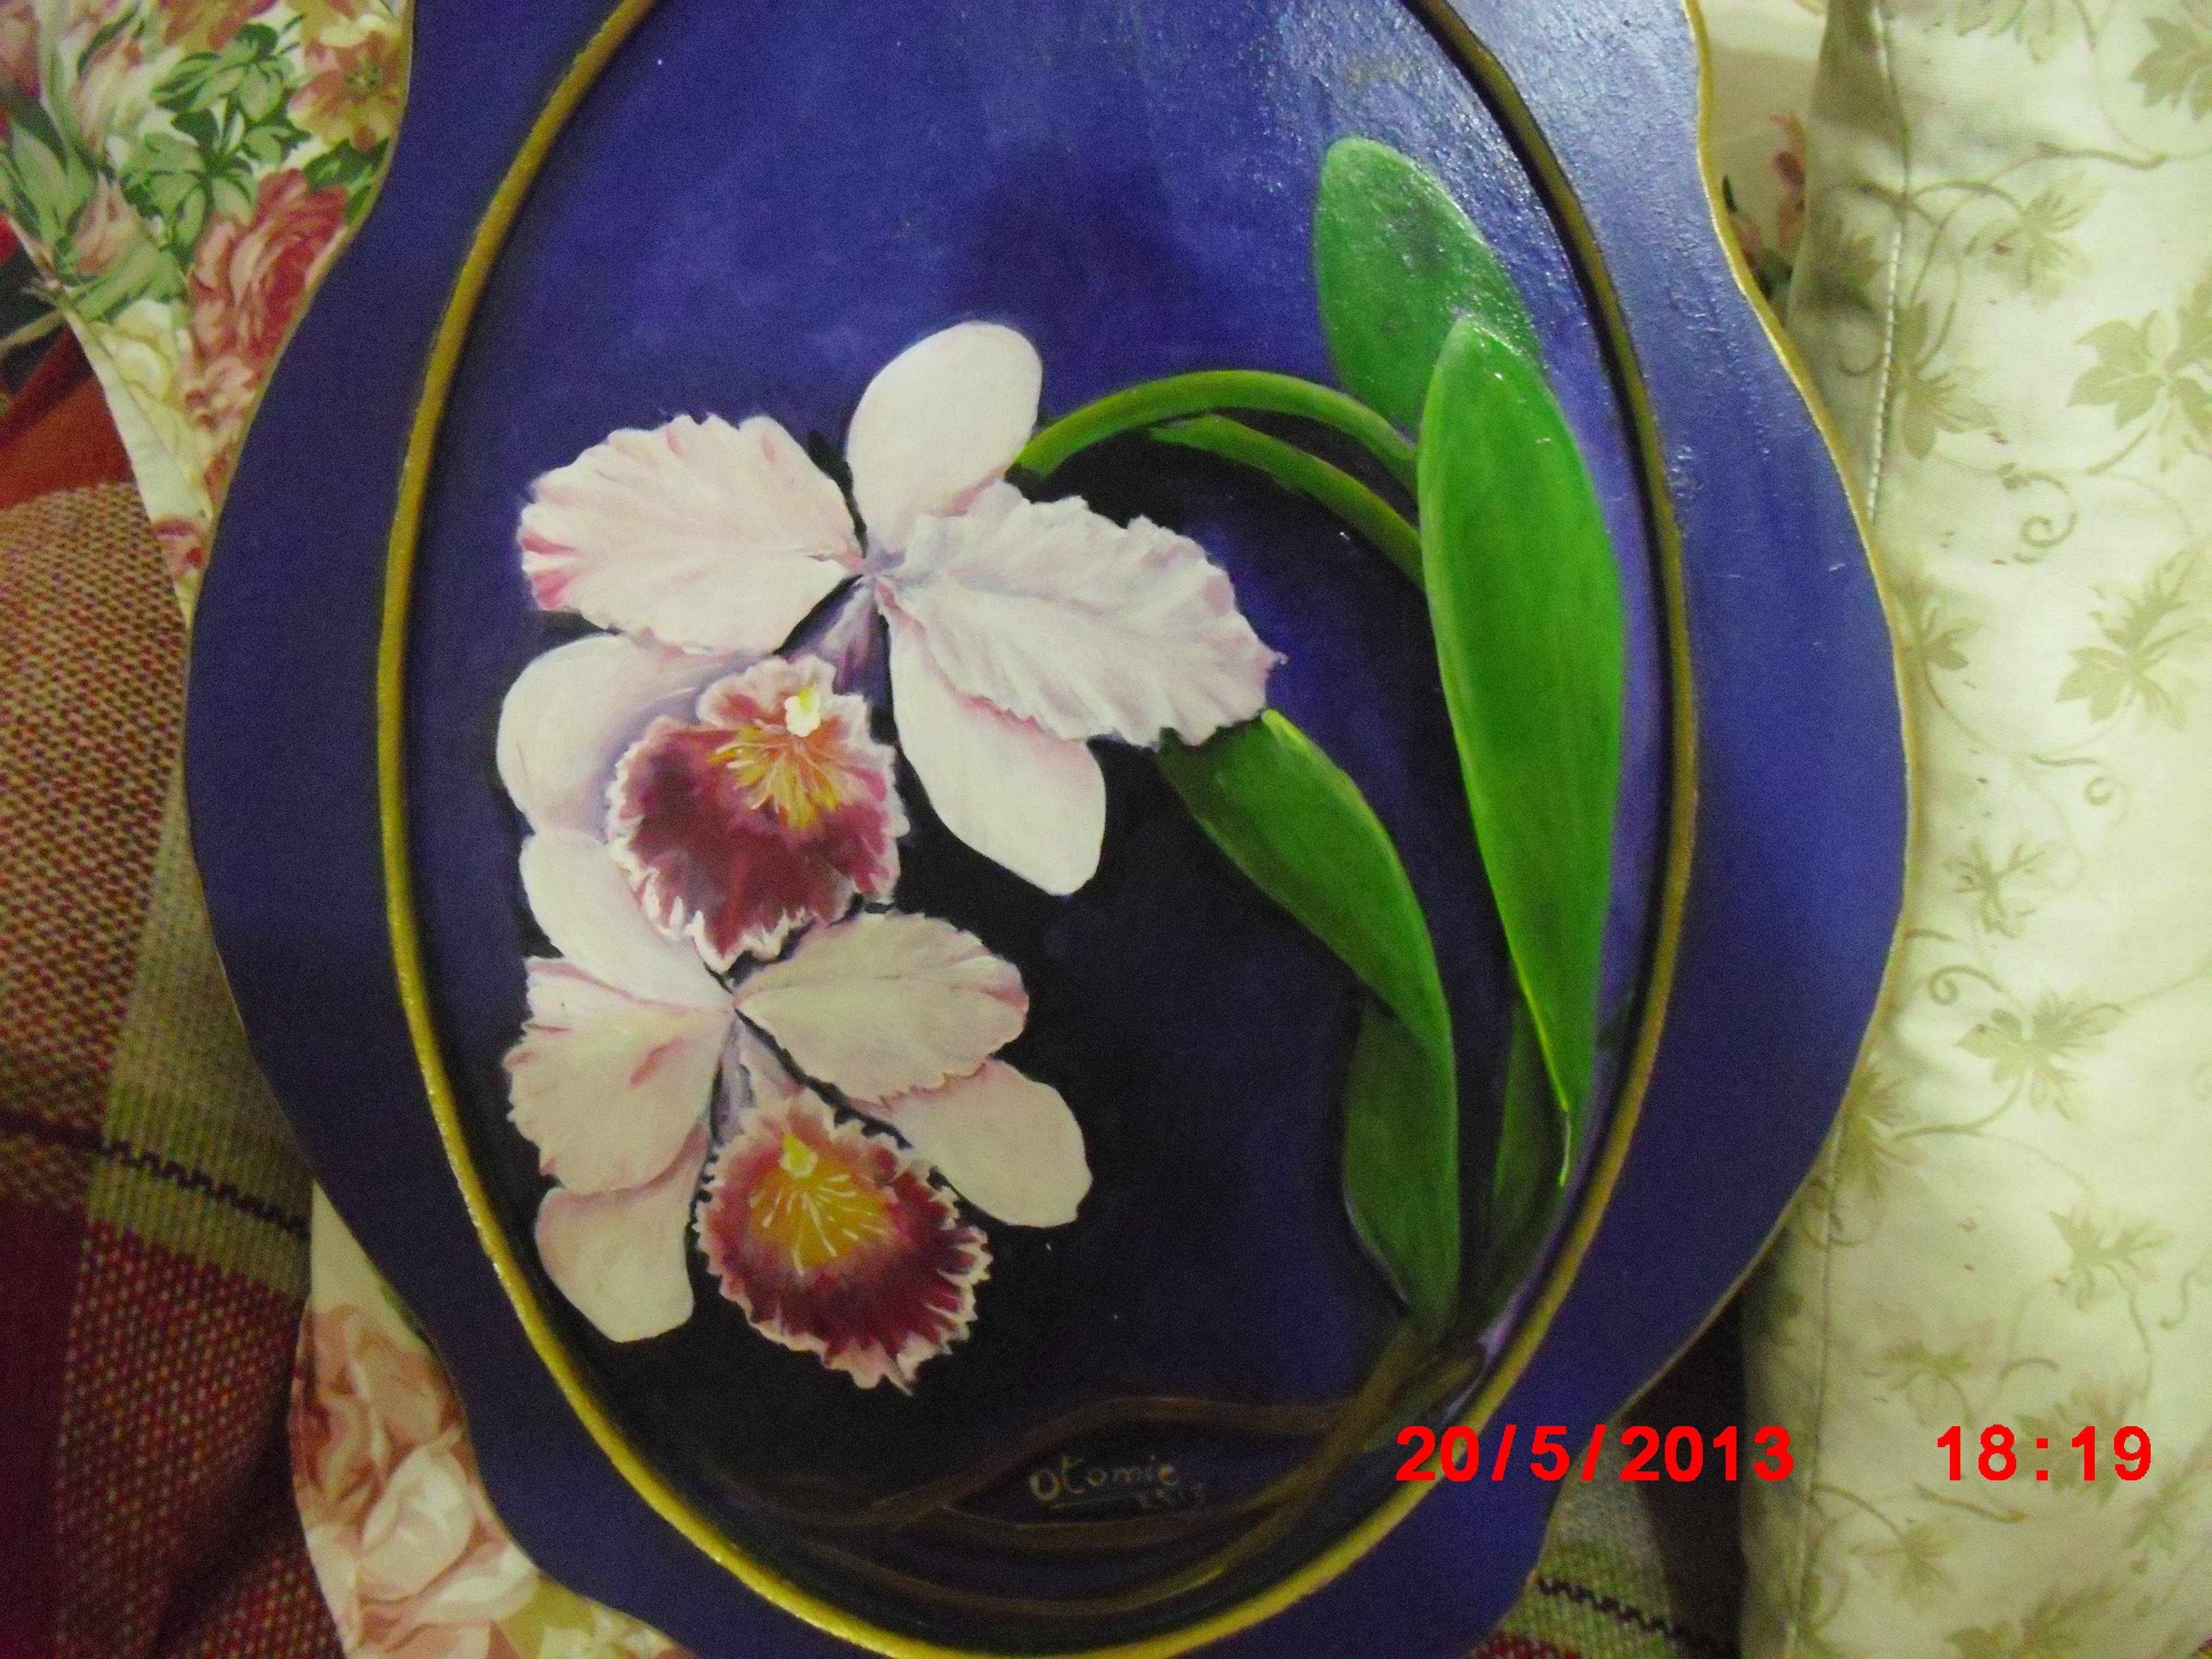 Bandeja decorativa para el comedor. con orquideas.